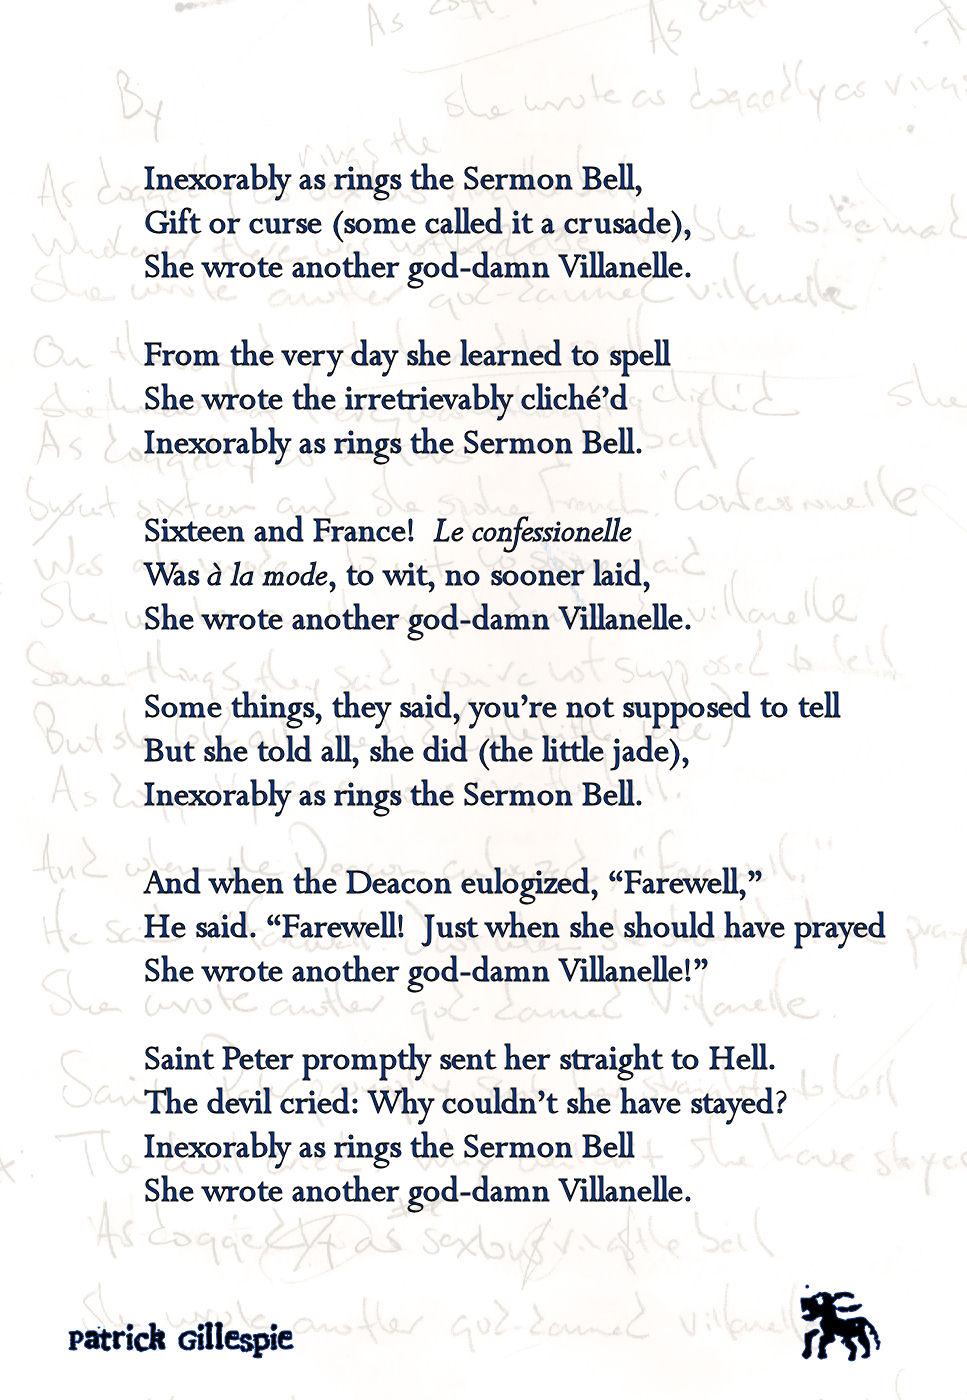 la villanelle (forme nouvelle) Another-god-damn-villanelle